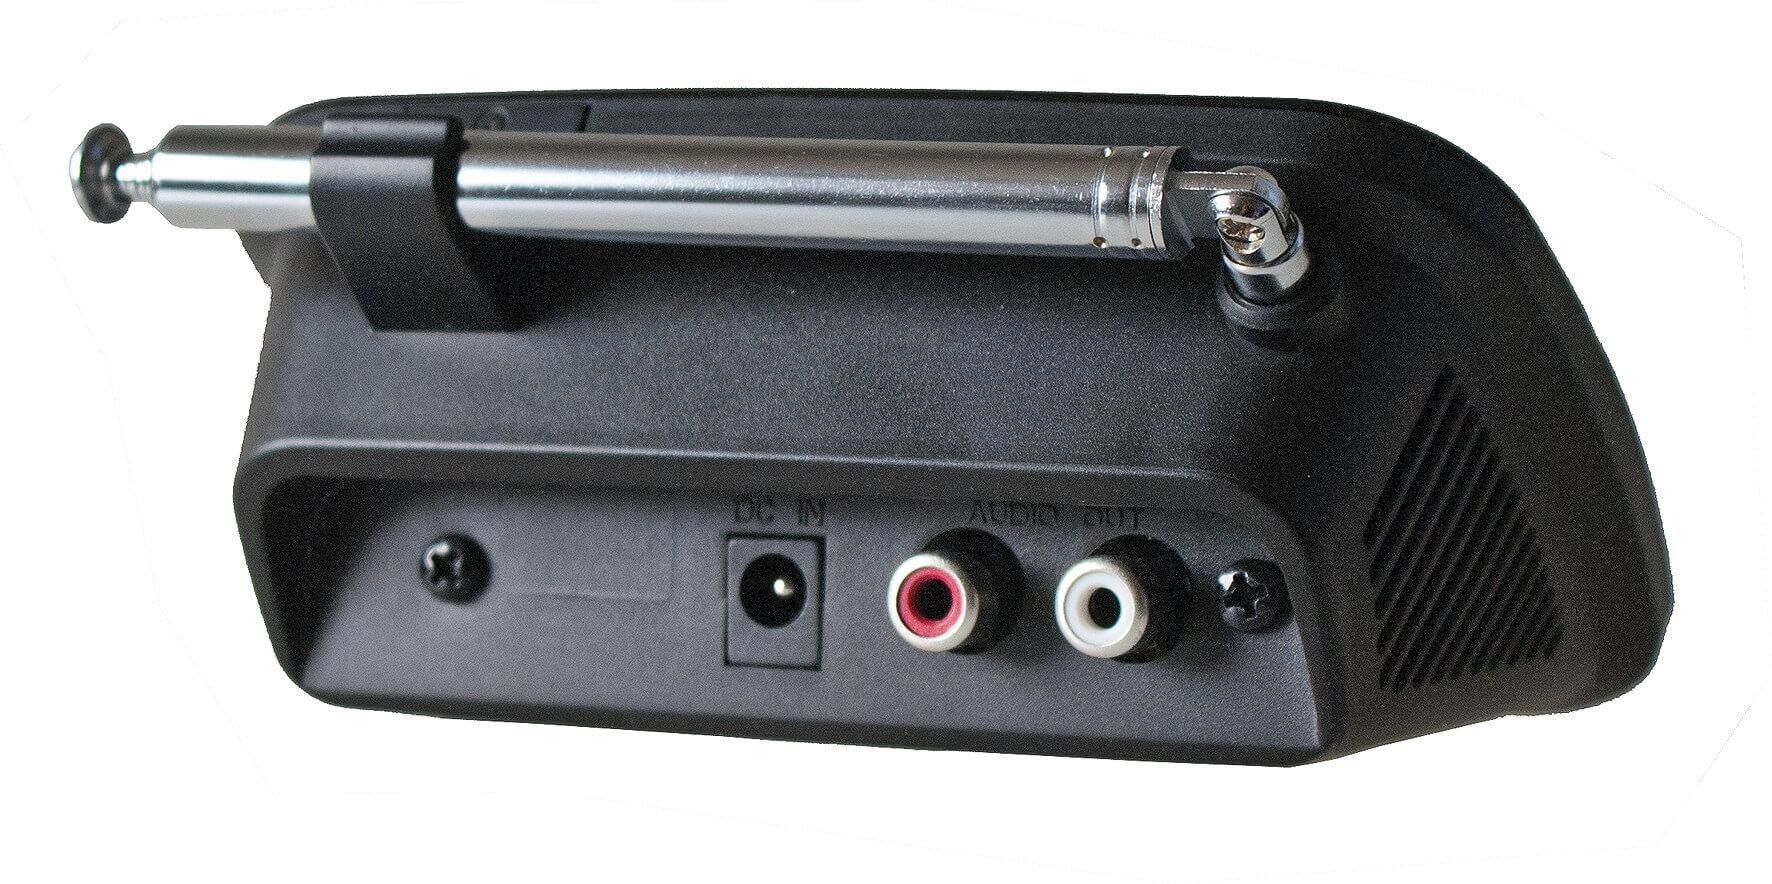 albrecht dr 52 c dab ukw digitalradio adapter. Black Bedroom Furniture Sets. Home Design Ideas